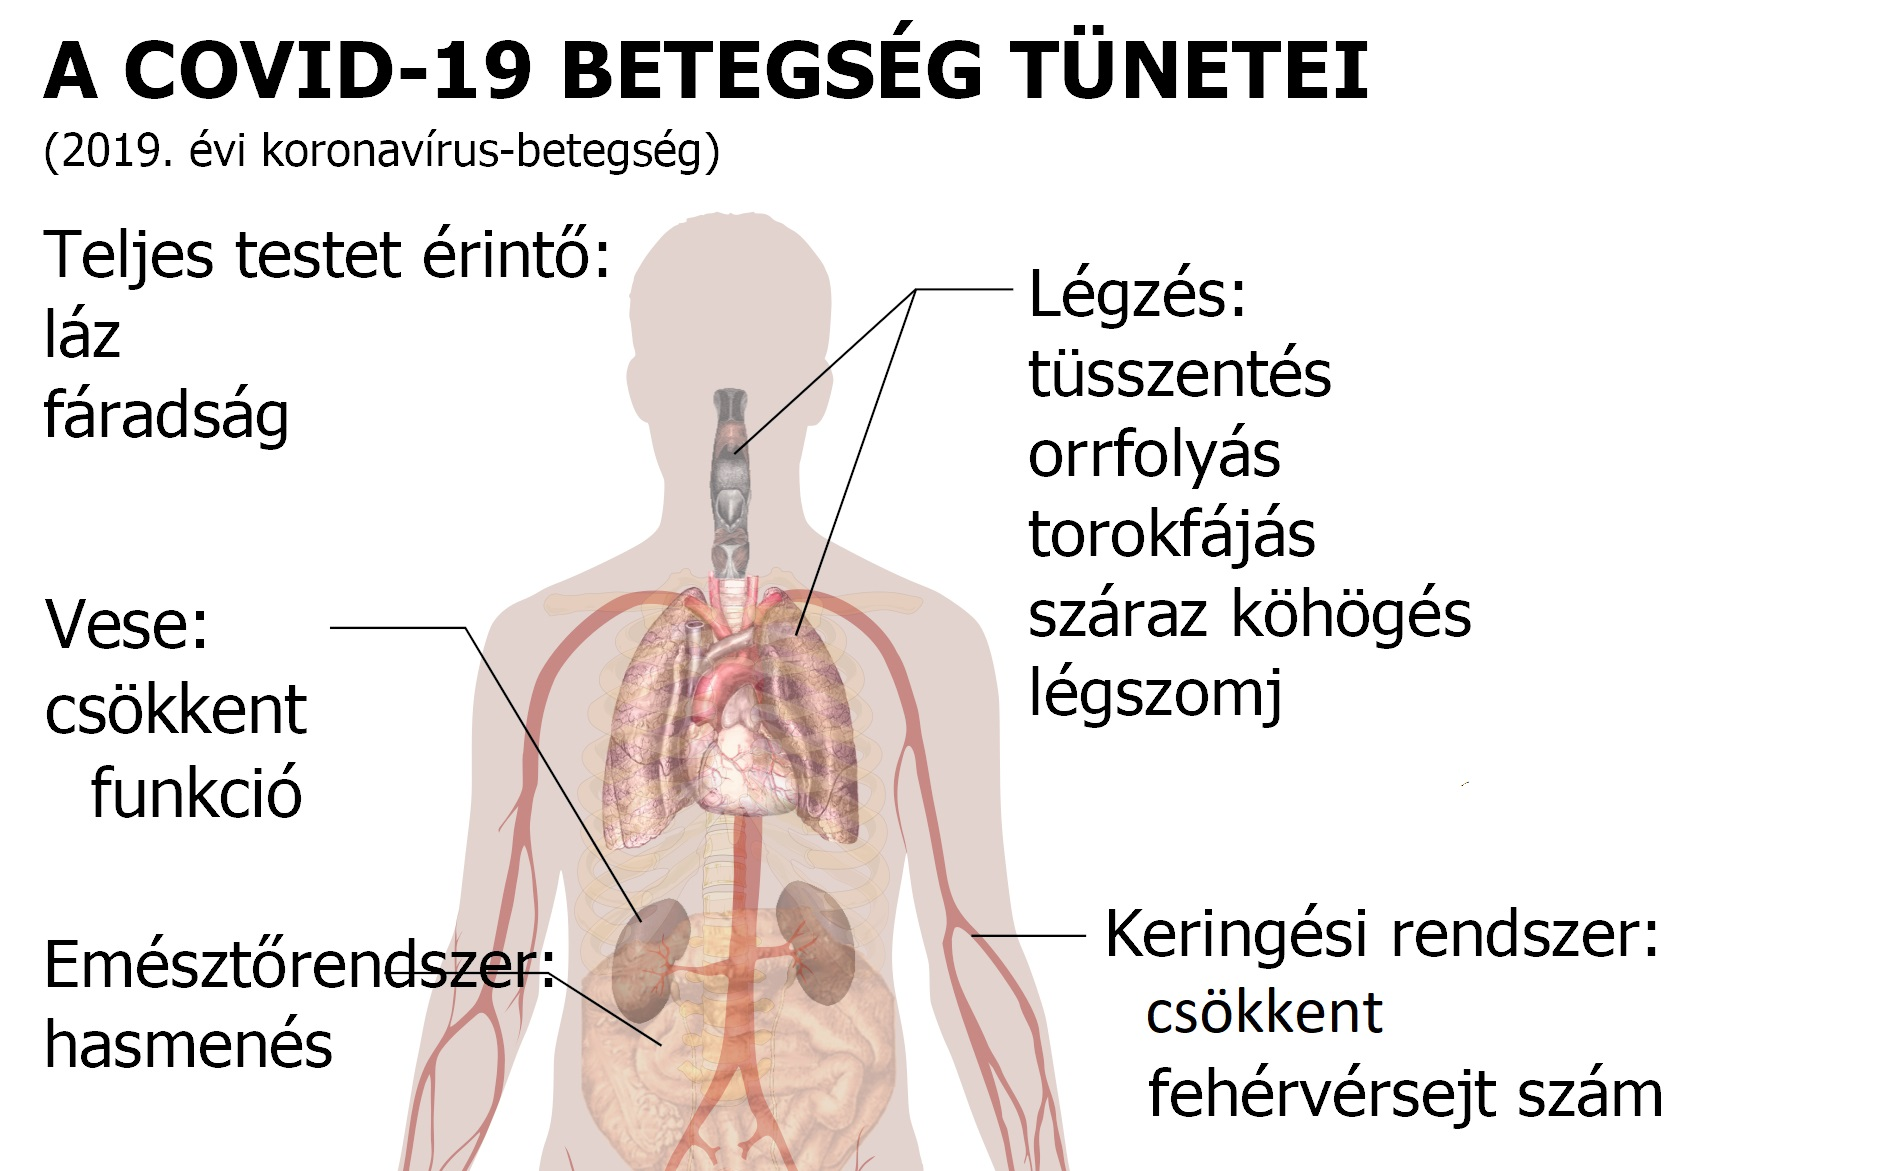 magas vérnyomás kortizol magas vérnyomás és könnyű futás